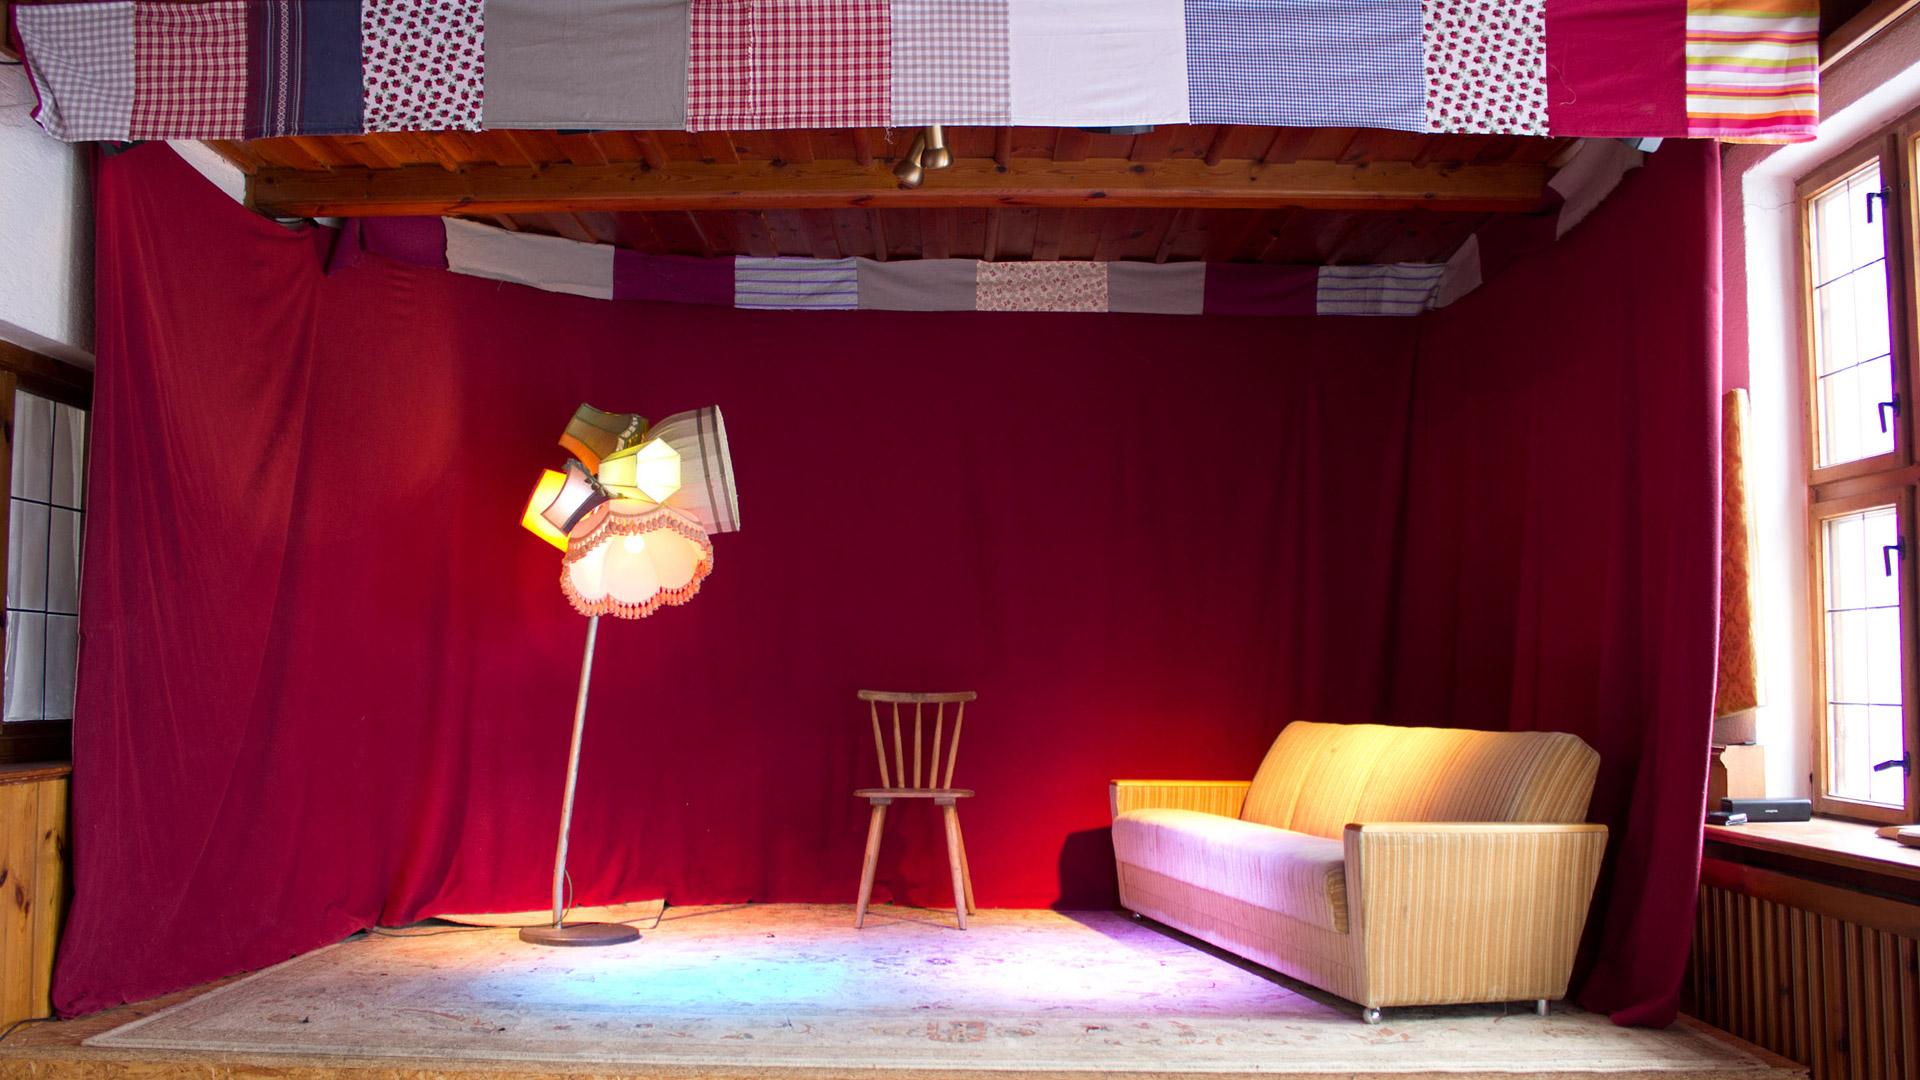 Der Pioniersalon | Größere Bühne im Salettl. Hier haben auch schon 8 köpfige Bands gepielt. Kapazität: 80 Personen.